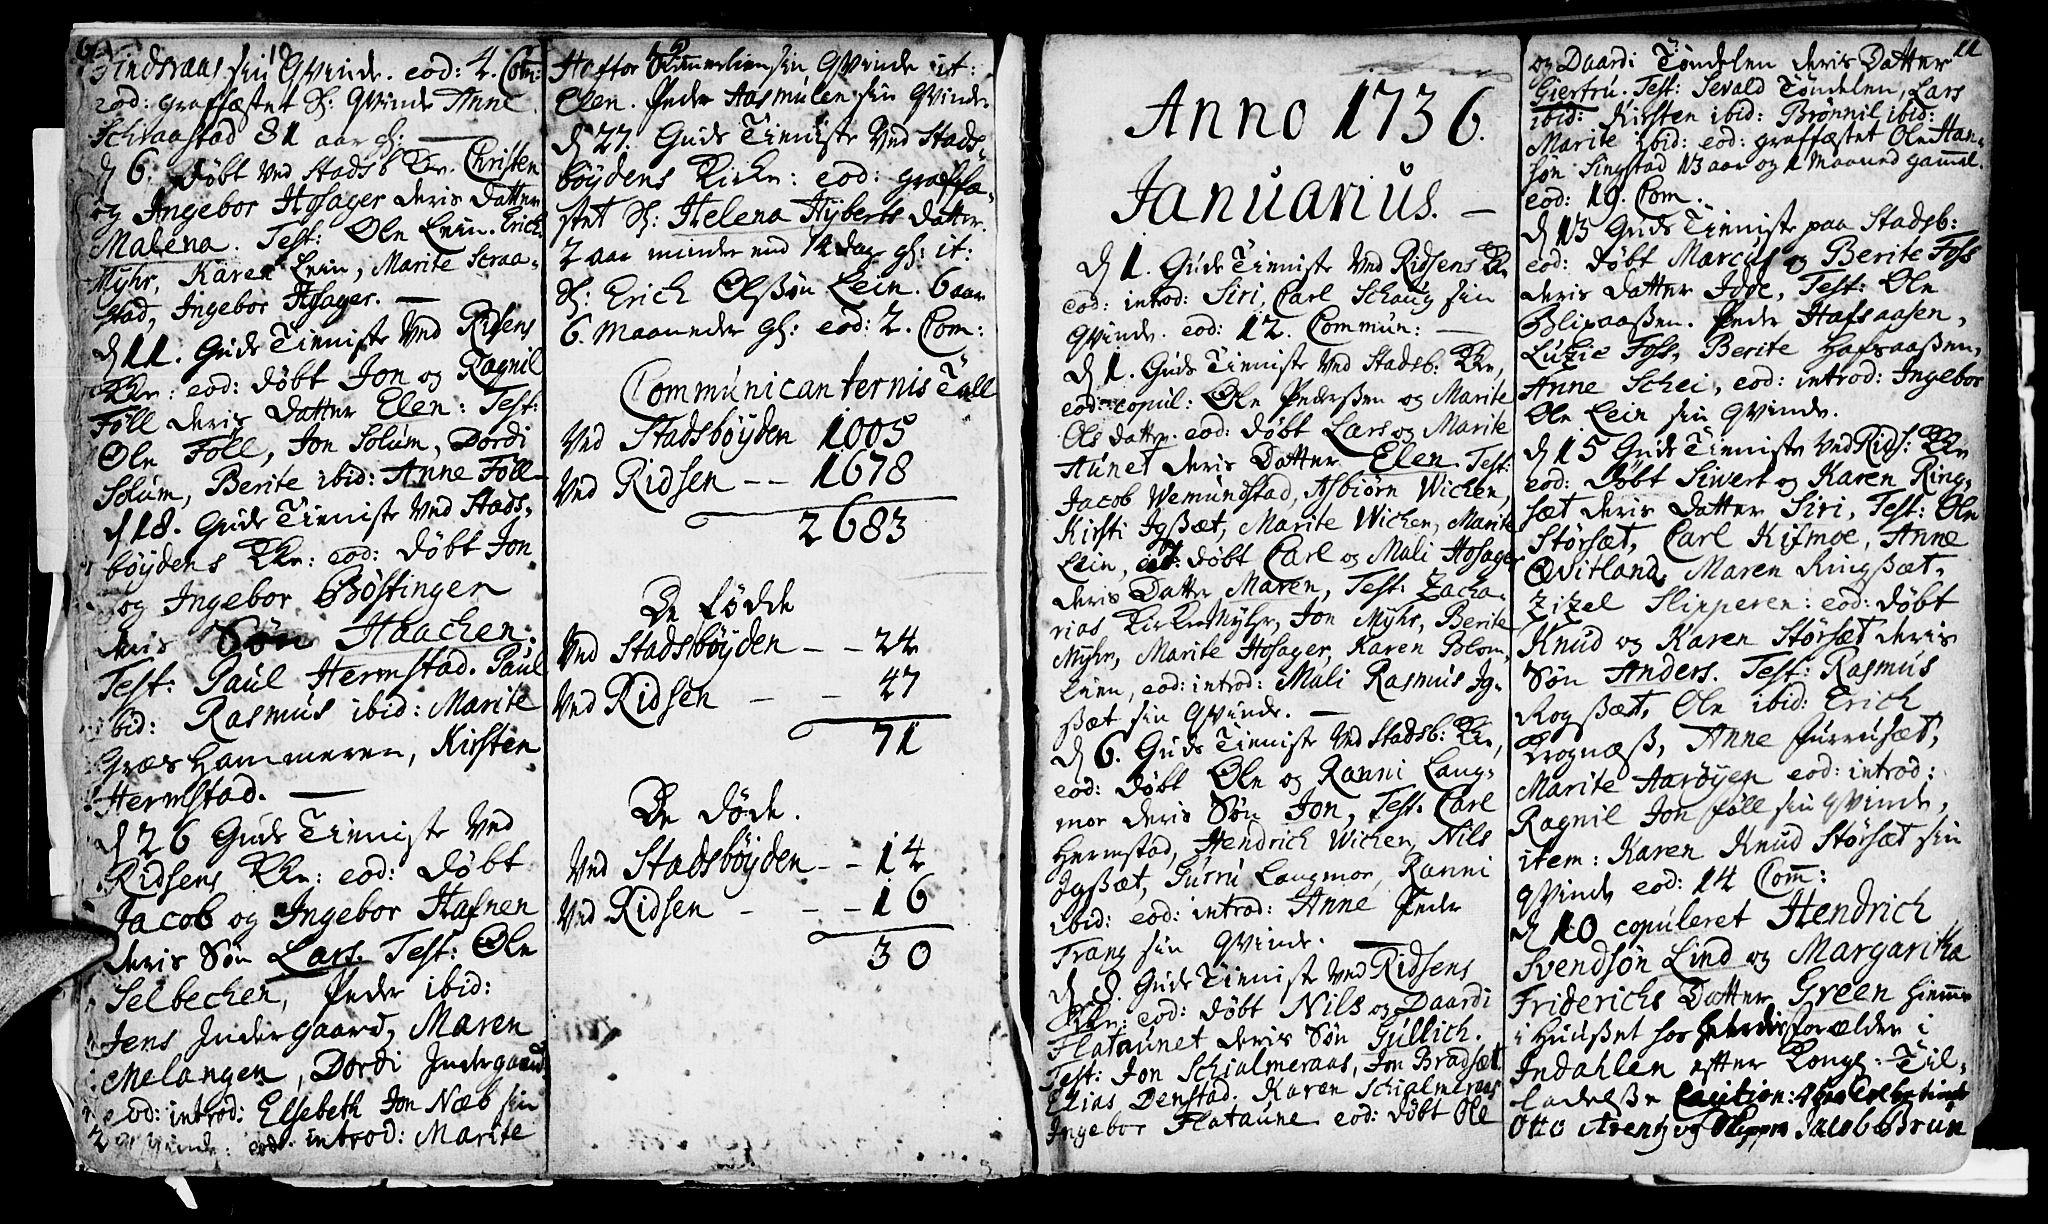 SAT, Ministerialprotokoller, klokkerbøker og fødselsregistre - Sør-Trøndelag, 646/L0604: Ministerialbok nr. 646A02, 1735-1750, s. 10-11